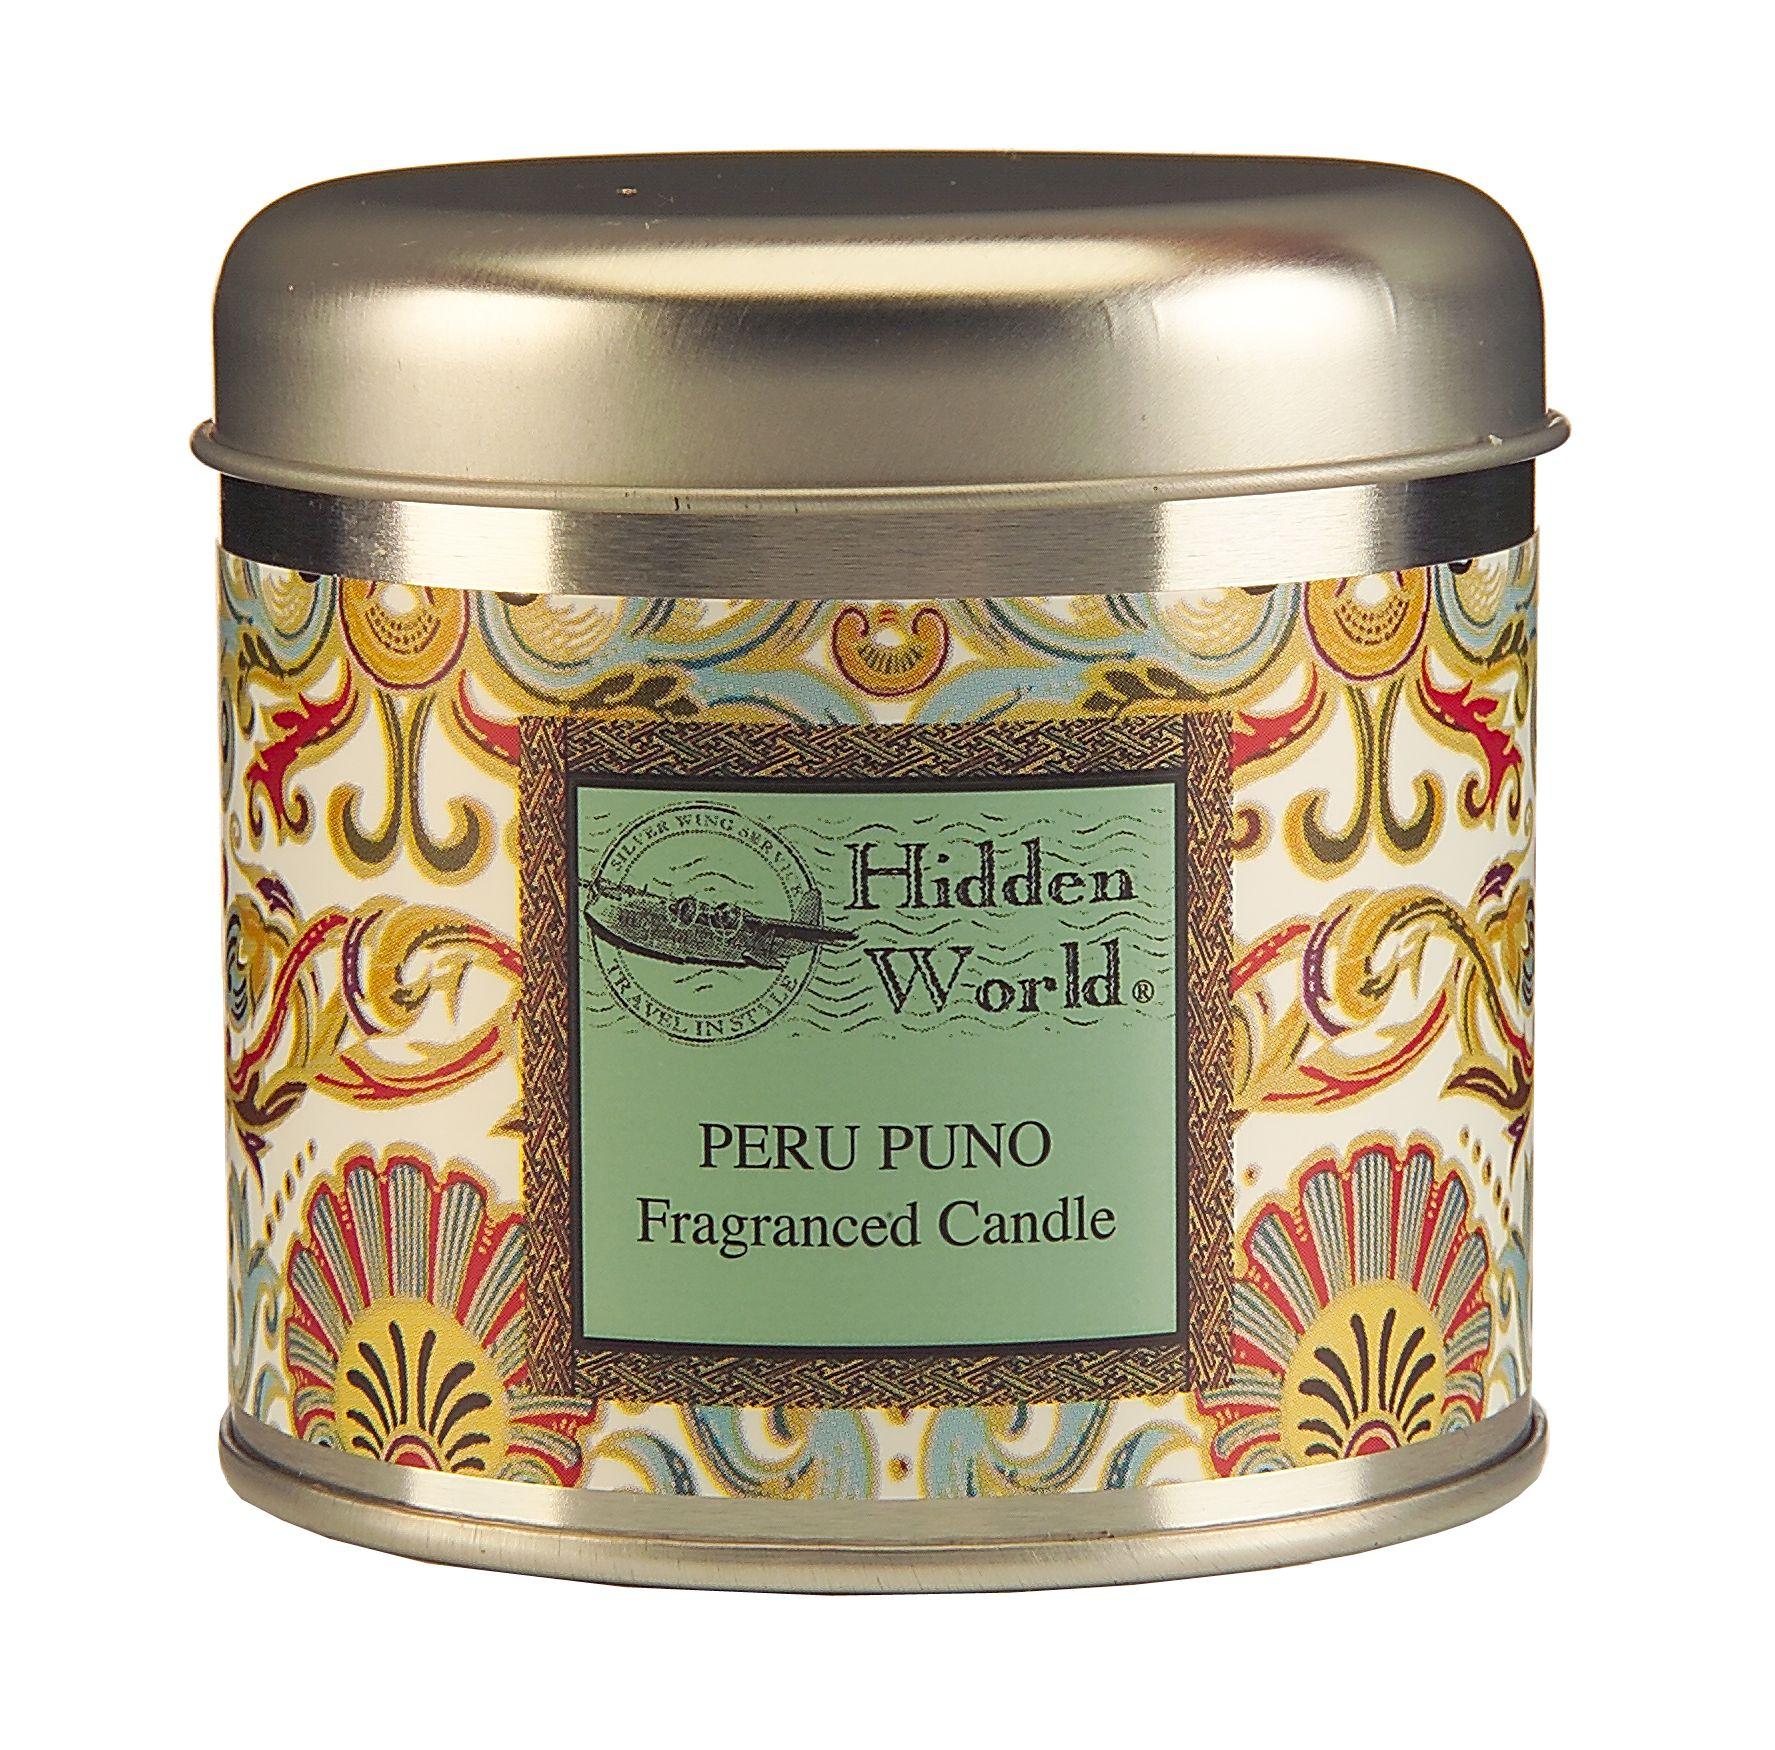 Wax Lyrical Город инков ароматическая свеча в алюминии, 35 часовHW0103Вдохновляющий экзотический аромат спелого манго, персиков и арбуза с оттенком жасмина. Wax Lyrical - легендарный производитель ароматов для дома. В производстве свечей используются только натуральные ингредиенты, такие как пищевой парафин и соевый воск. Европейские мастера парфюмерии предоставляют свои лучшие ароматы для использования в спреях для дома, а также в ароматических маслах.